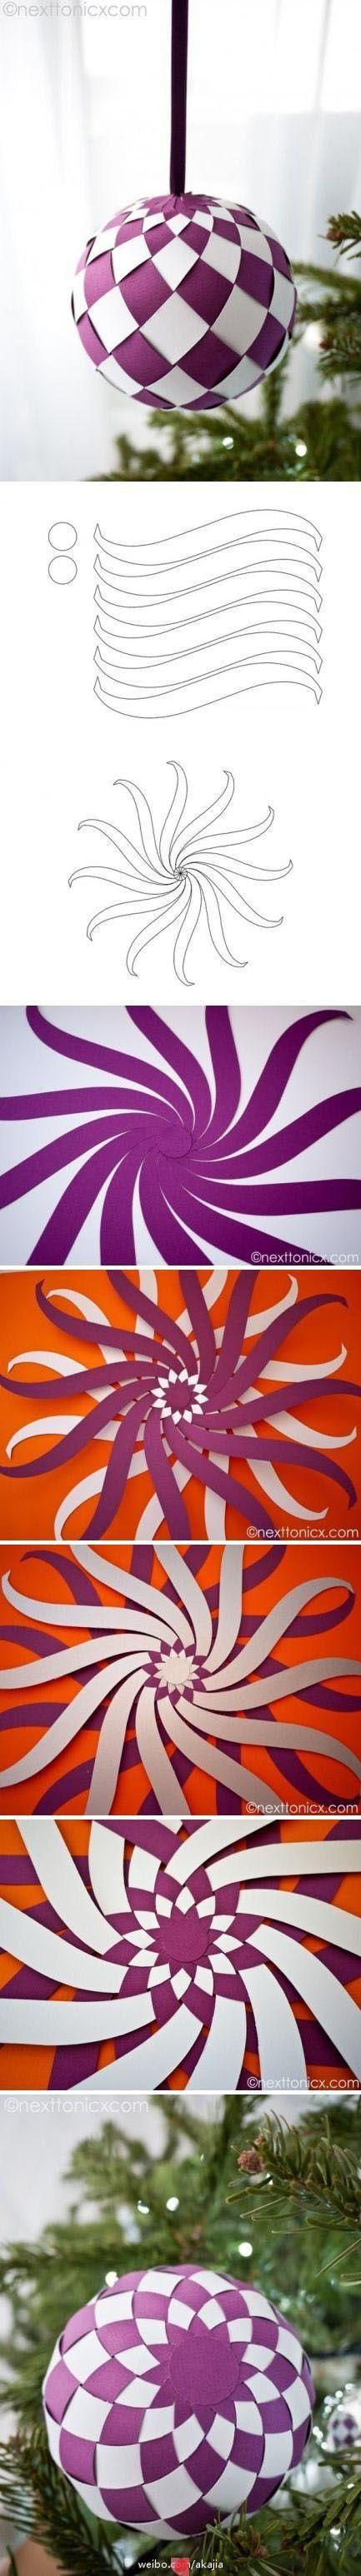 Como fazer uma bola decorativa de papel.